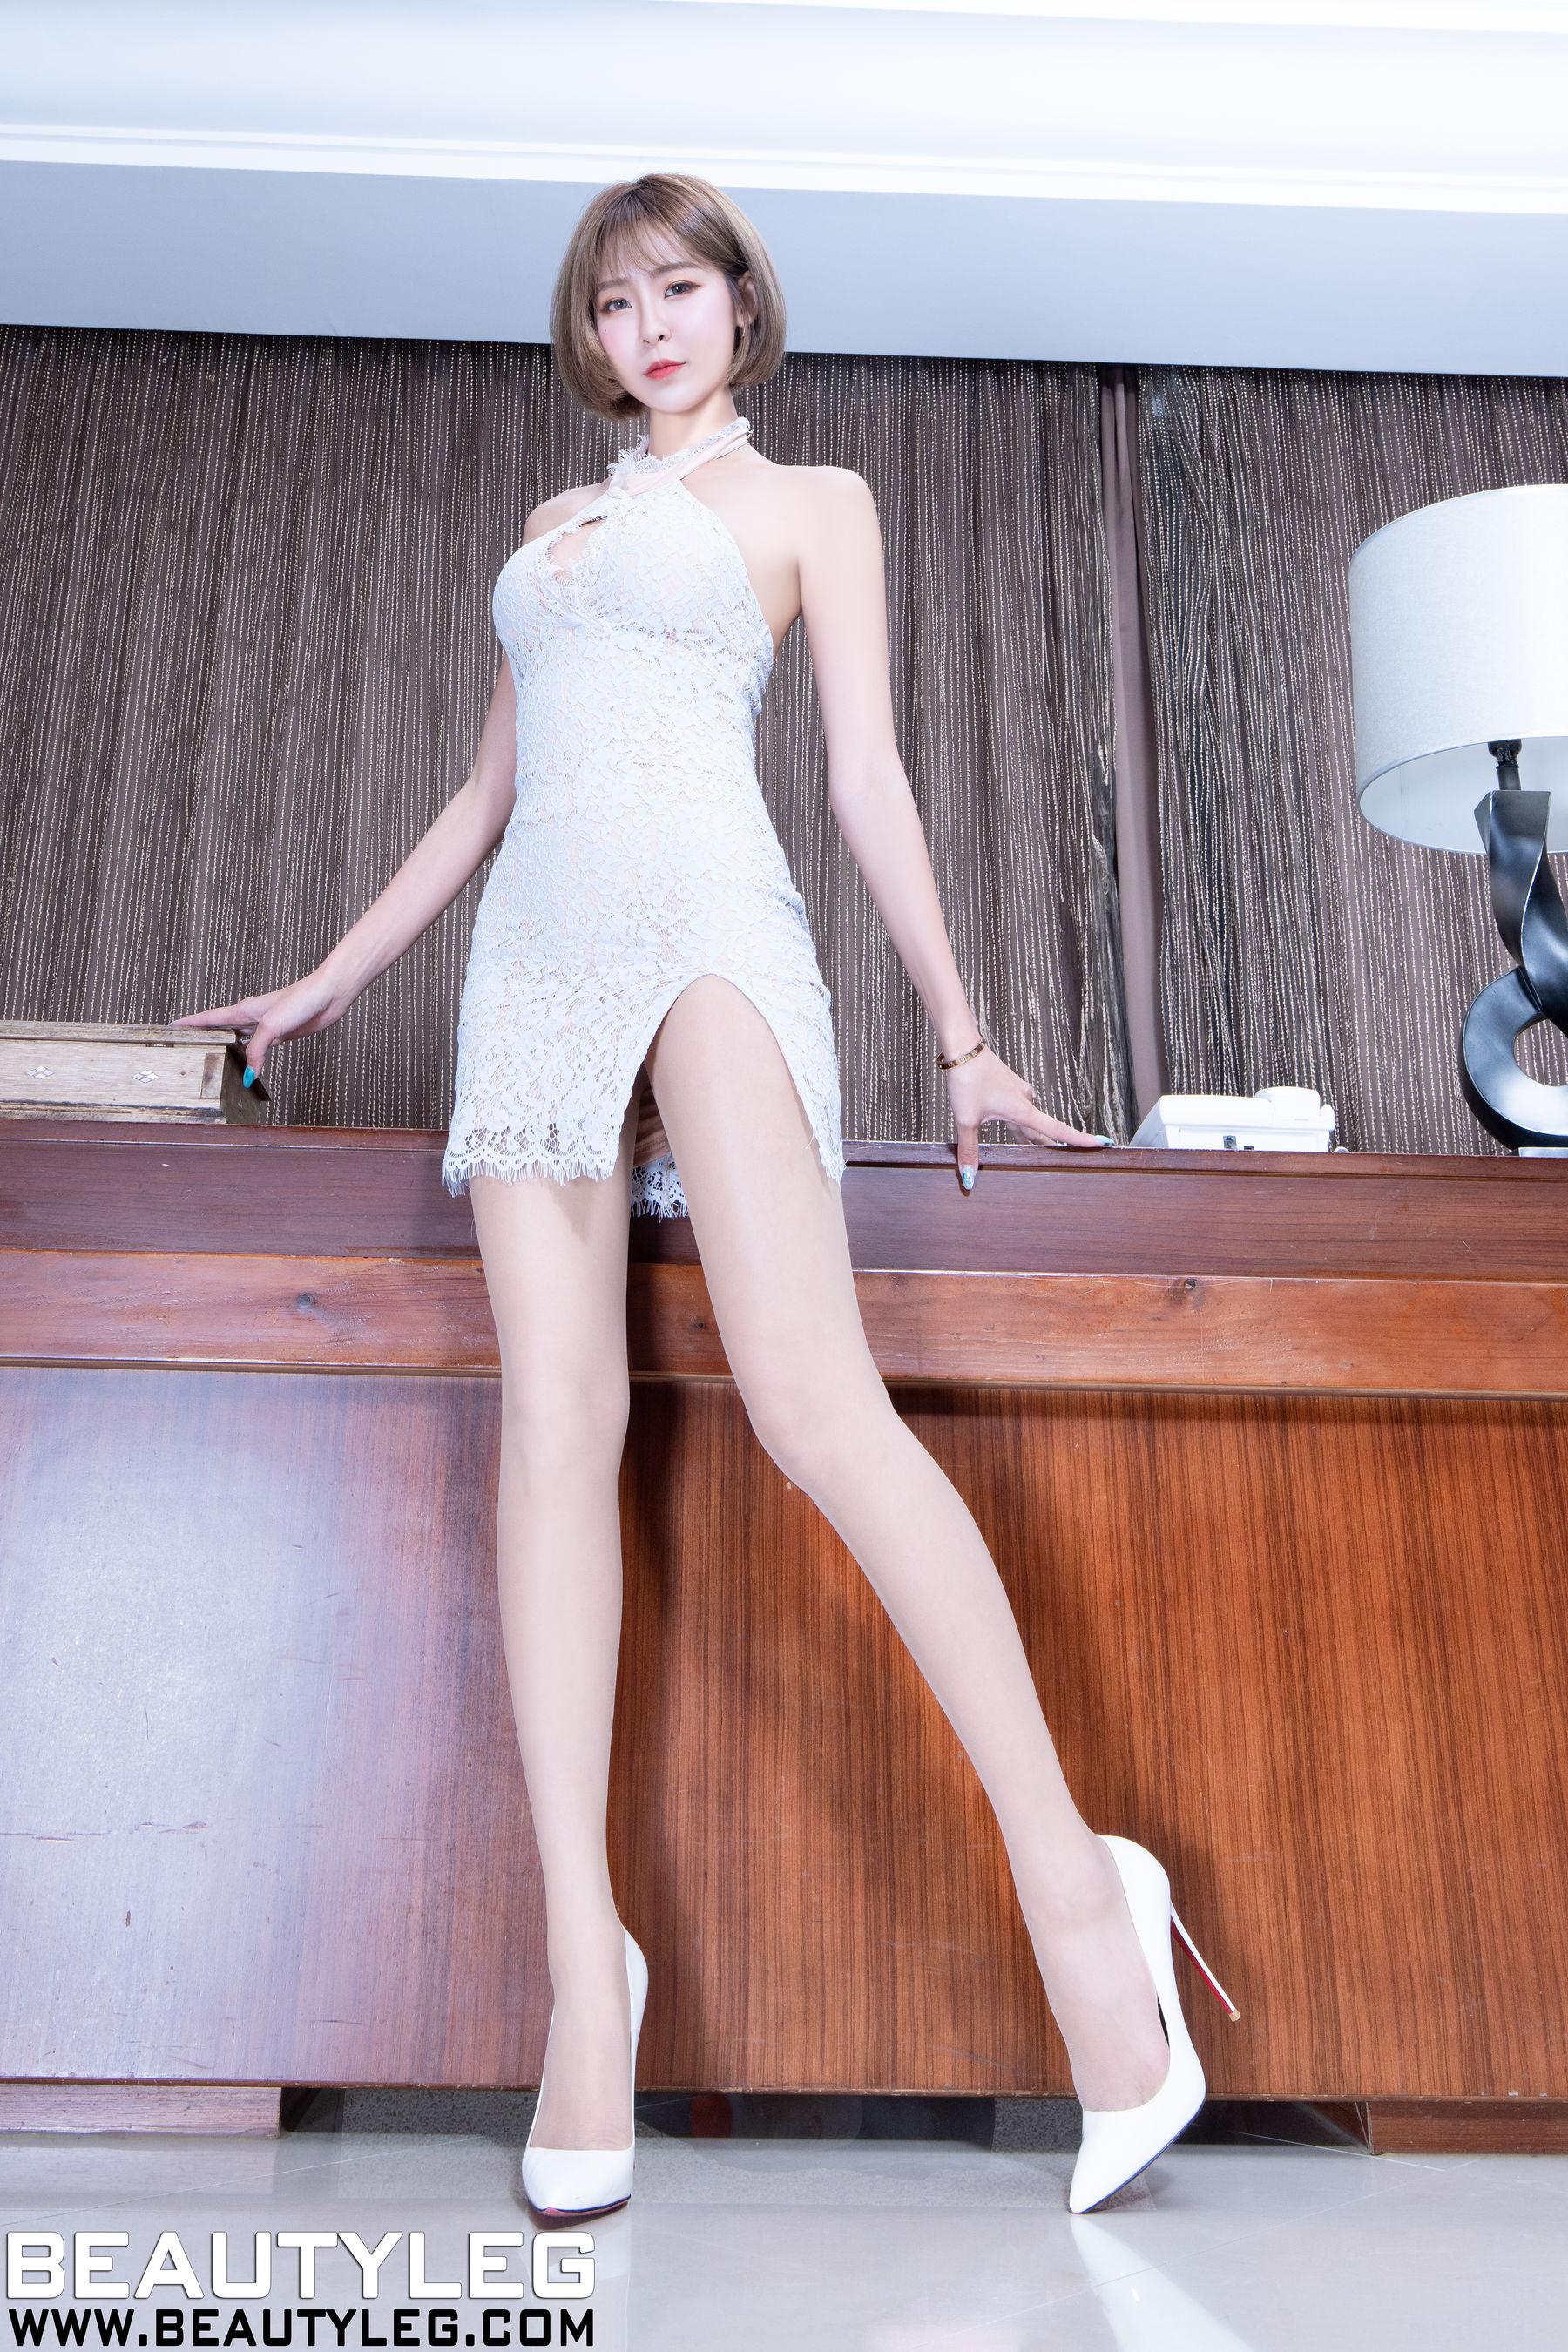 VOL.1080 [Beautyleg]肉丝美腿:Winnie小雪(庄咏惠,庄温妮,腿模Winnie)超高清个人性感漂亮大图(47P)